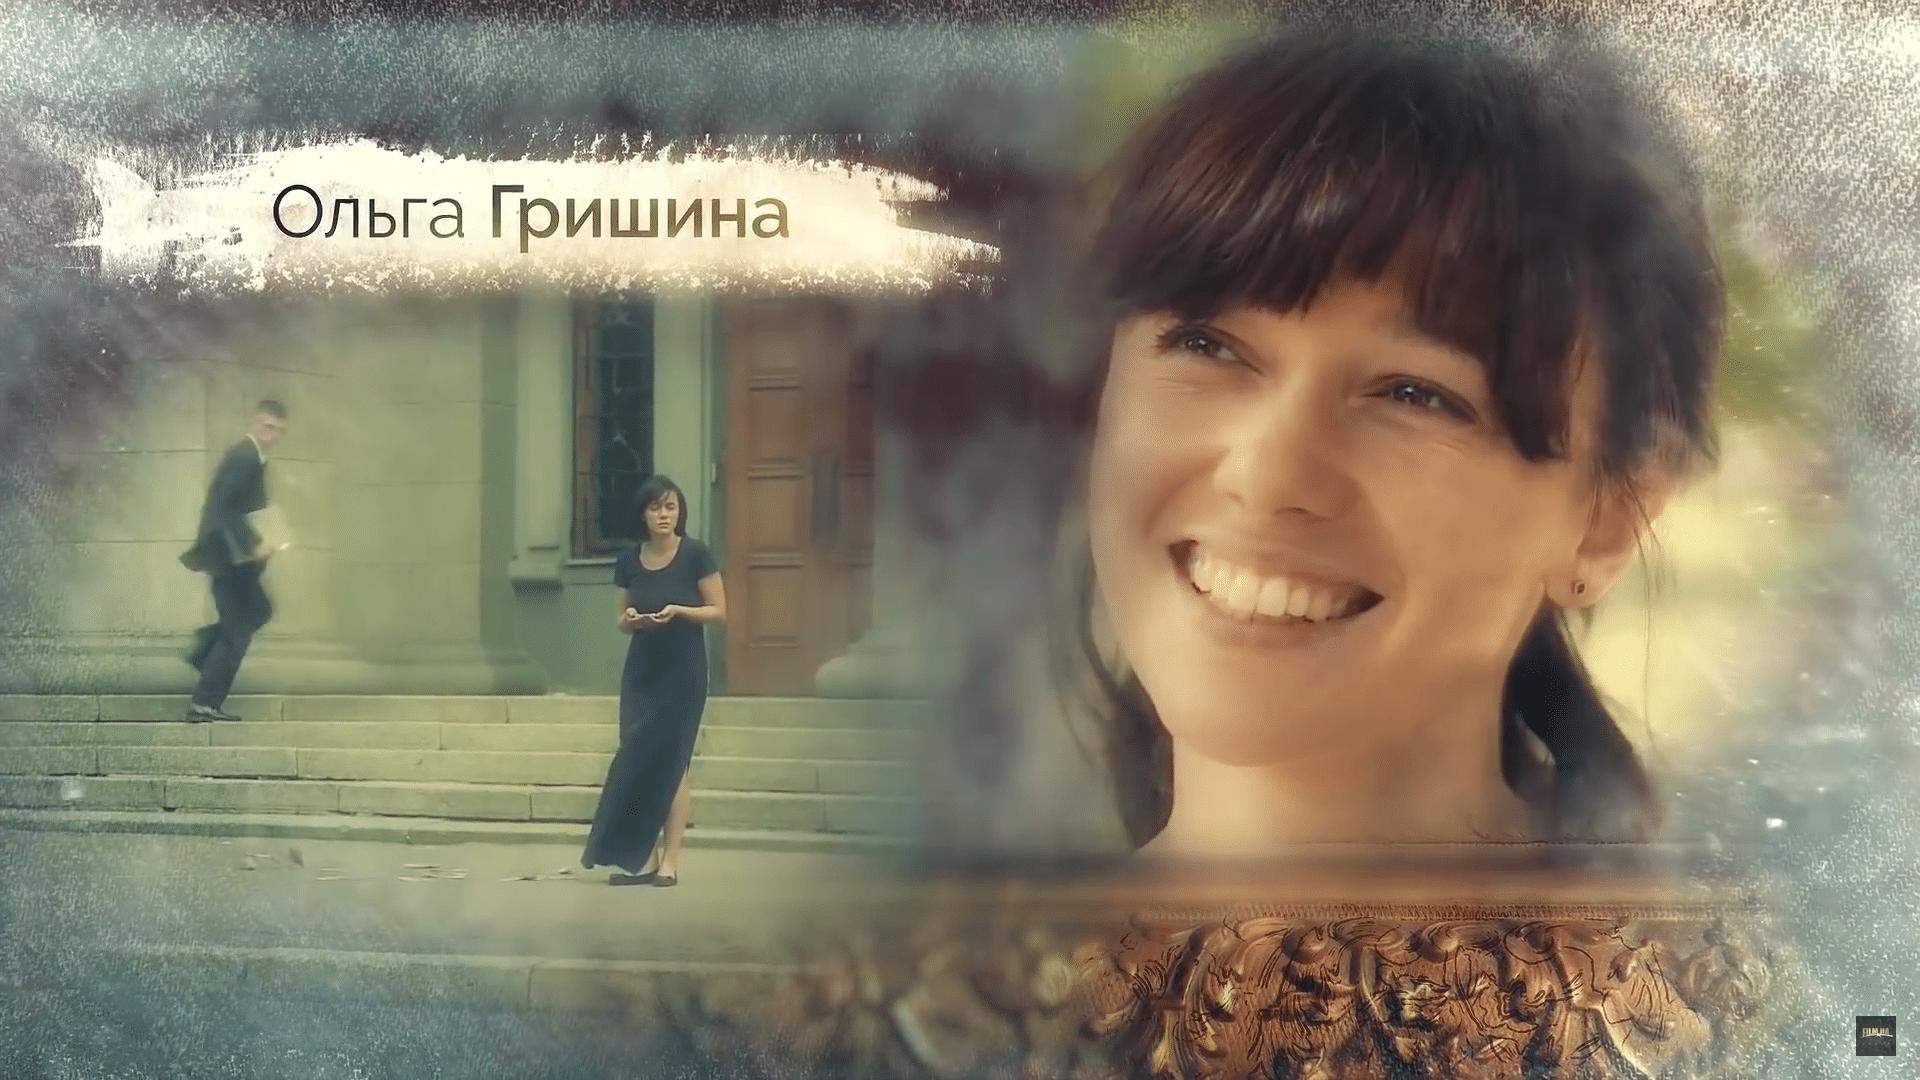 Ольга Гришина – Актриса сыгравшая главную роль в сериале - Таню Куликову, экскурсовода